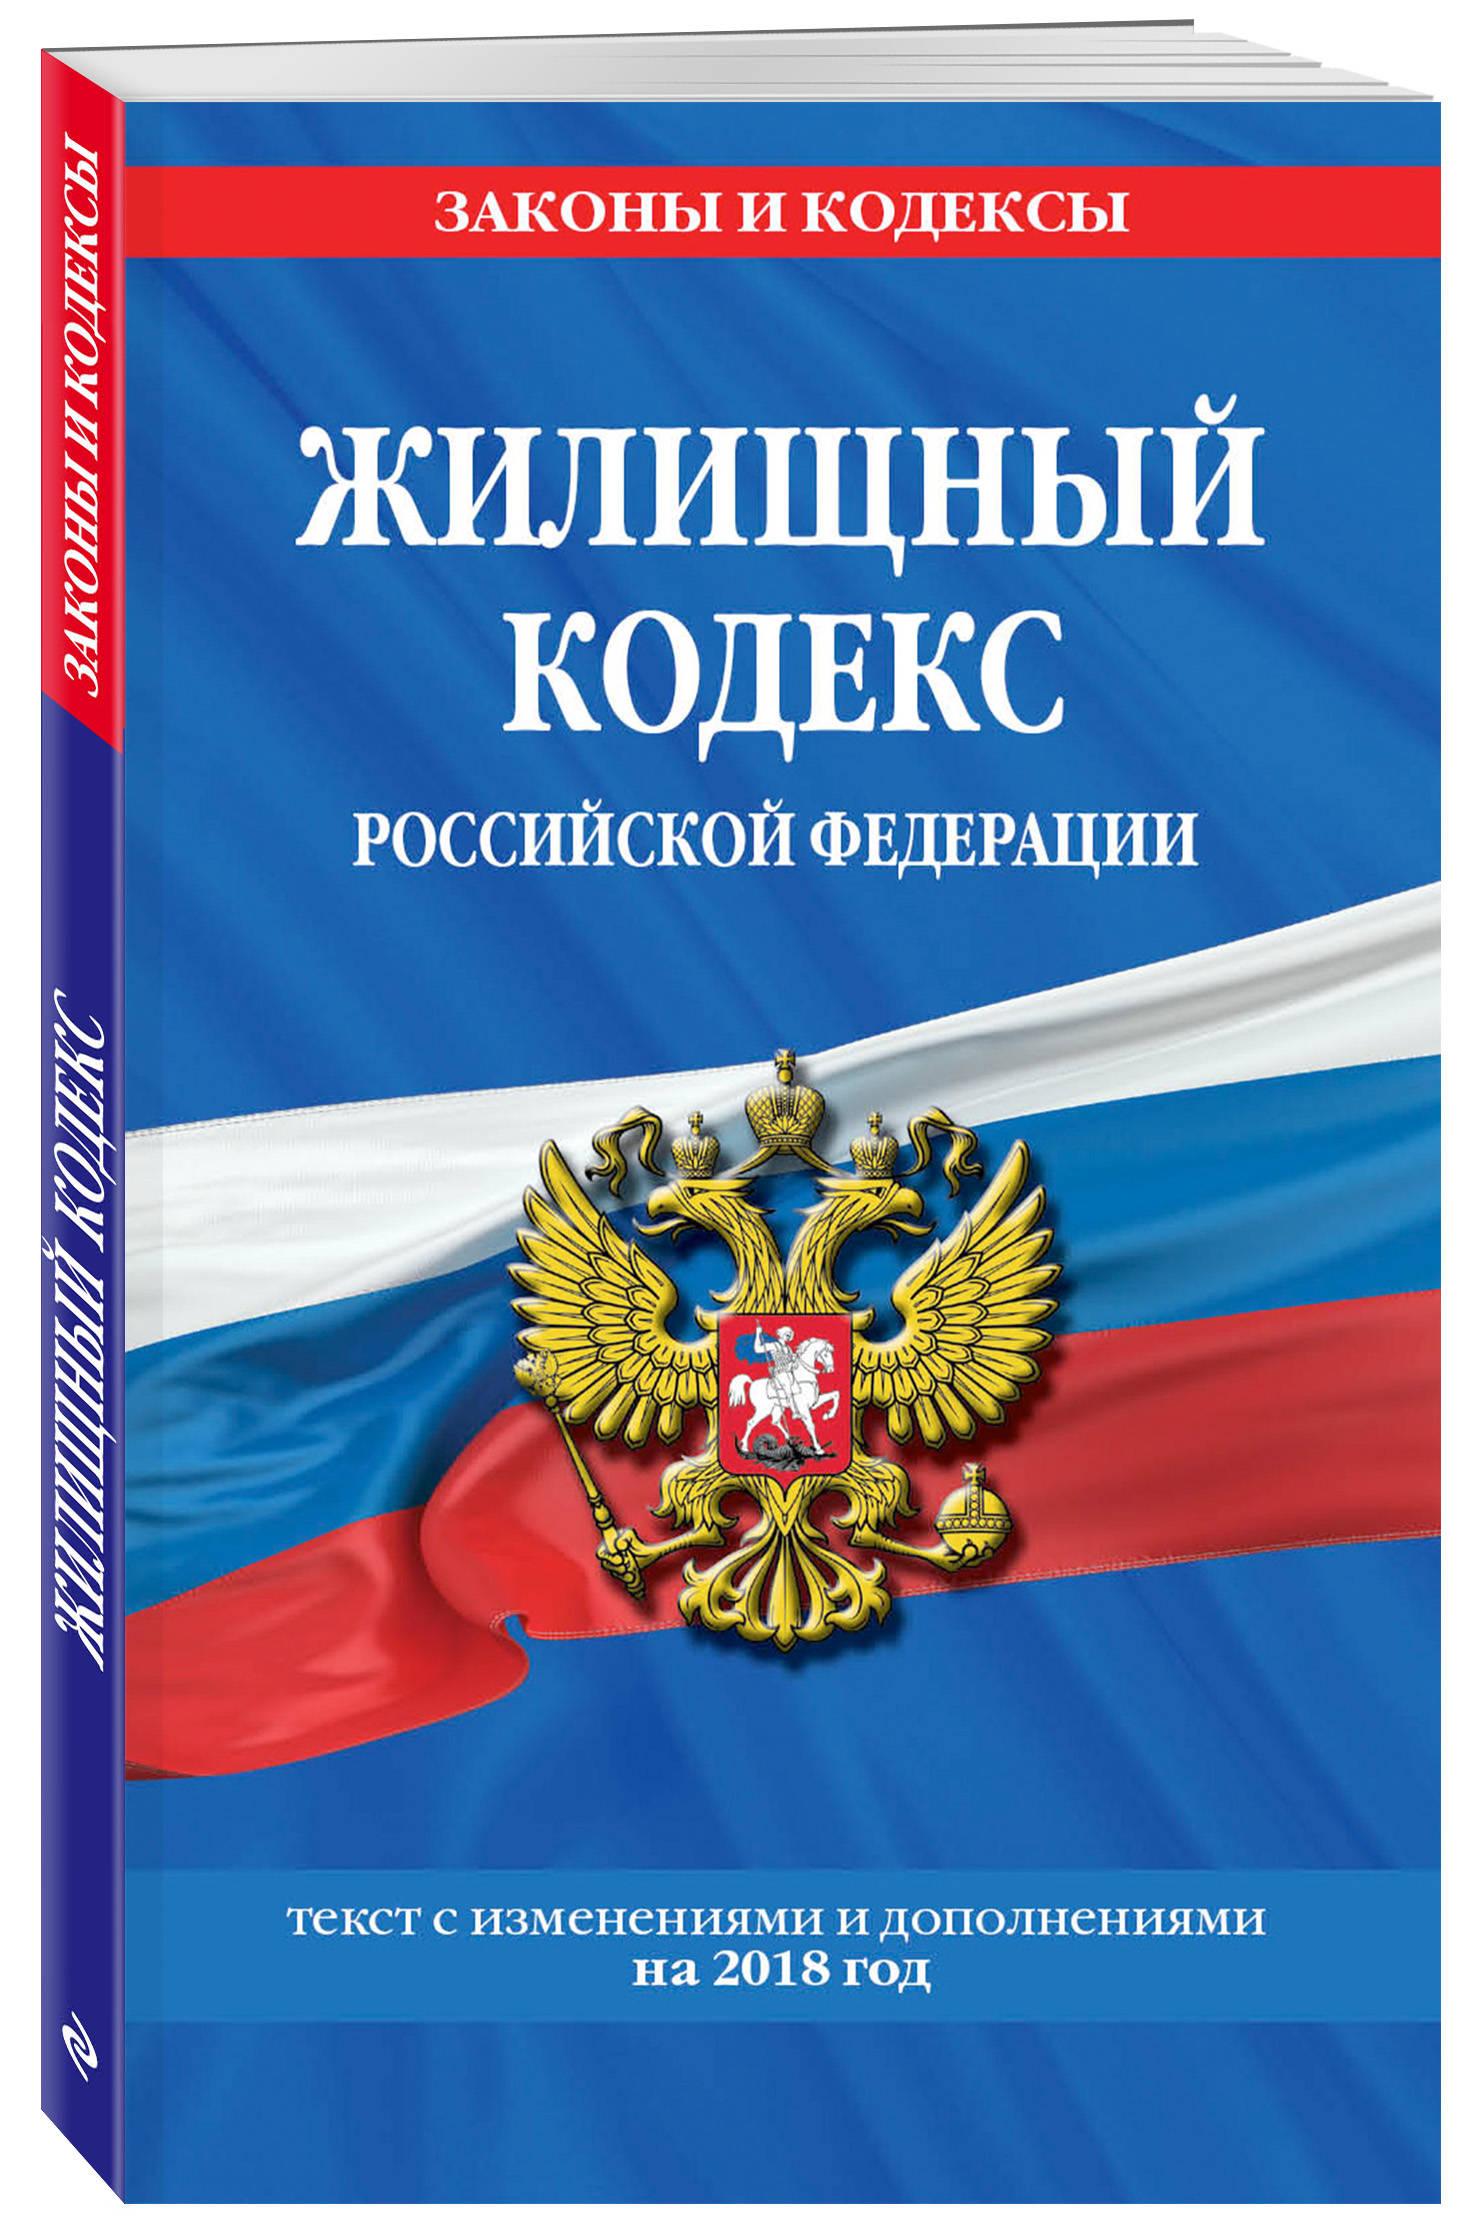 Жилищный кодекс Российской Федерации: текст с изменениями и дополнениями на 2018 г.